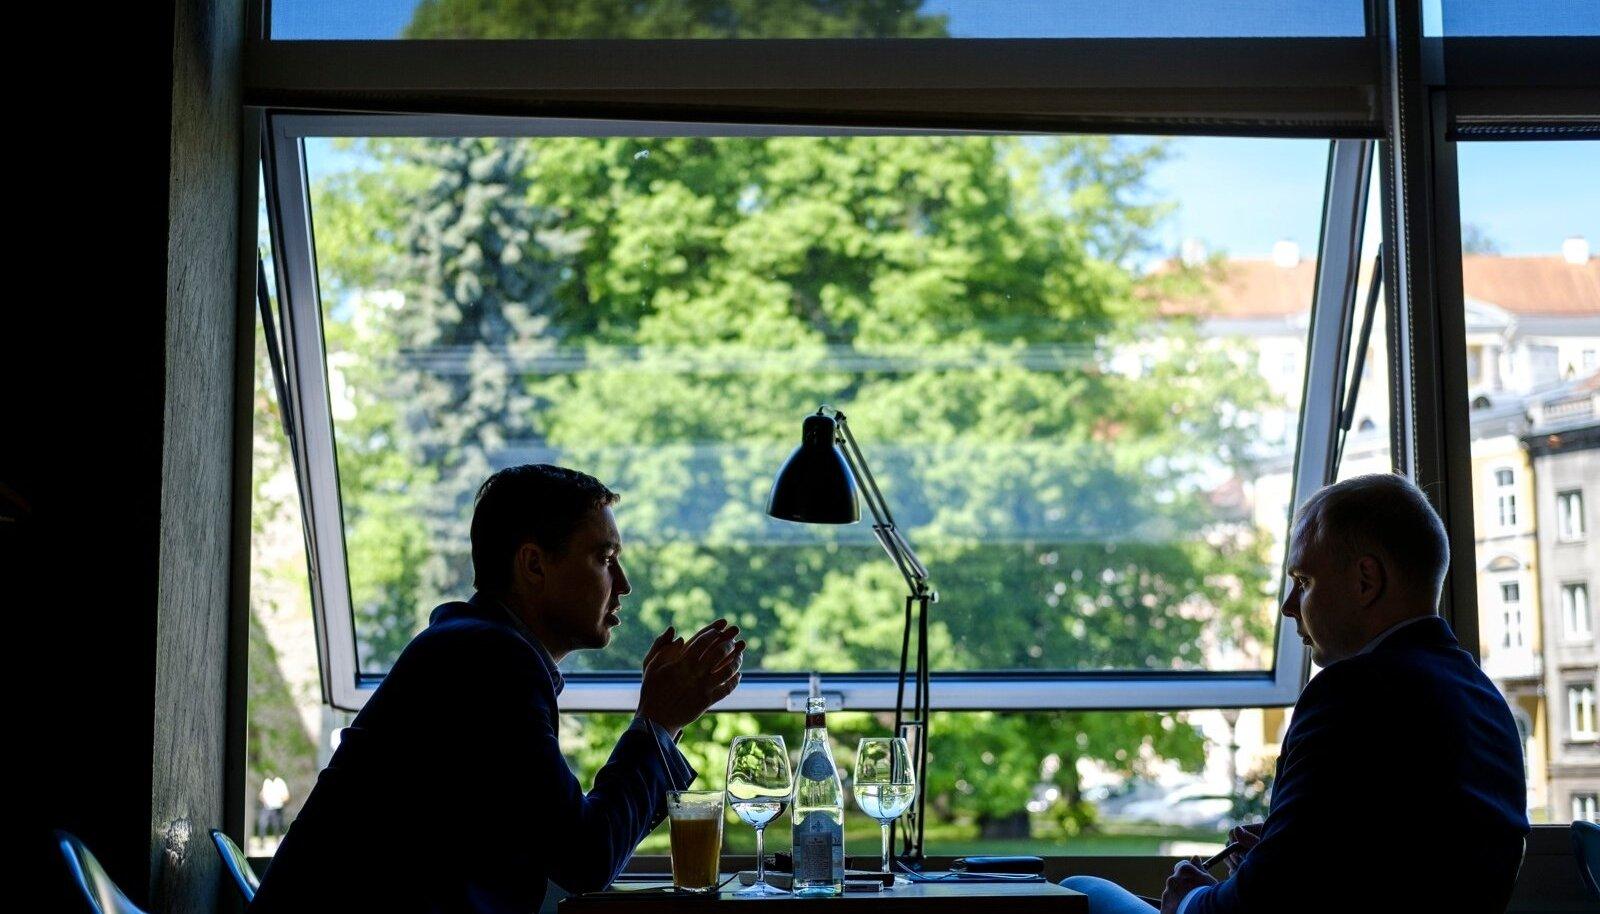 Taavi Rõivas (vasakul) kinnitas ajakirjanikule, et Reformierakond tegi tema juhtimise ajal väga palju õigesti, kuid möönis, et üheski erakonnas ei õnnestu kõik 100%.